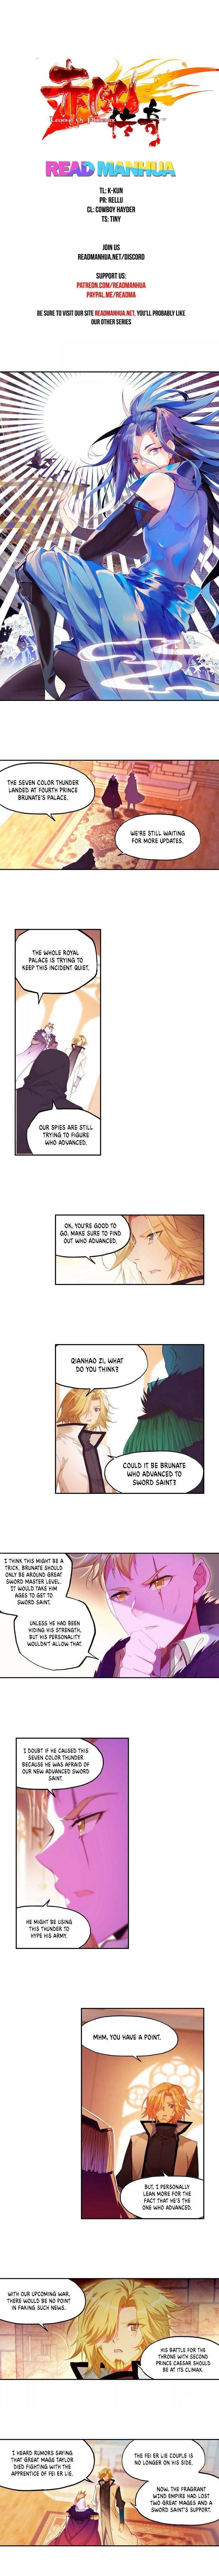 Manga Legend of Phoenix - Chapter 98 Page 1